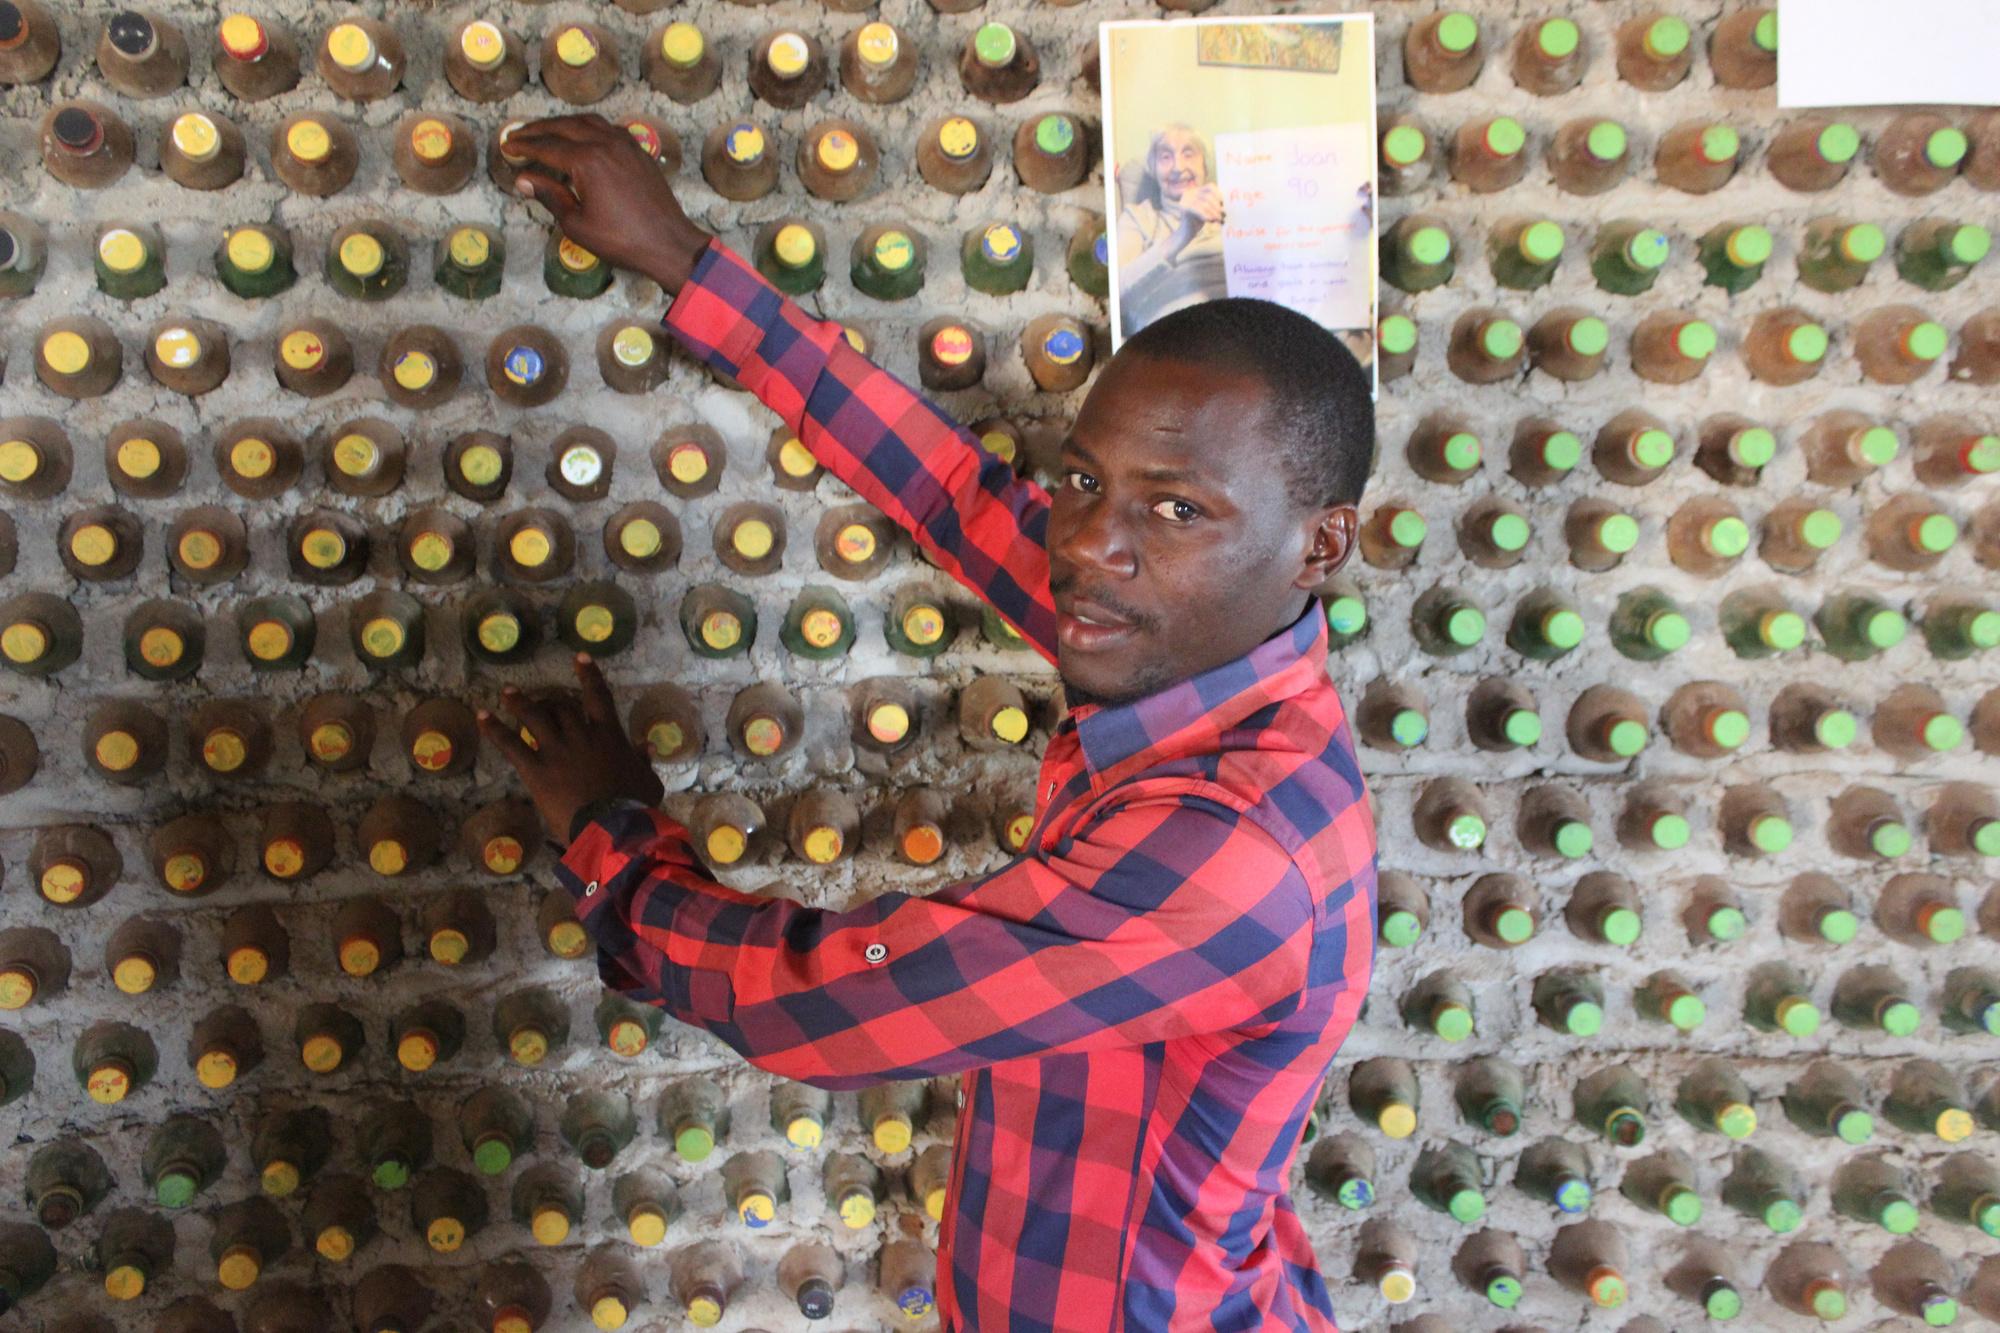 David Mande in zijn huis opgetrokken uit ecobricks. De plastic flessen zijn gevuld met vochtige grond en harden uit tot een bouwsteen., Wambi Michael / IPS